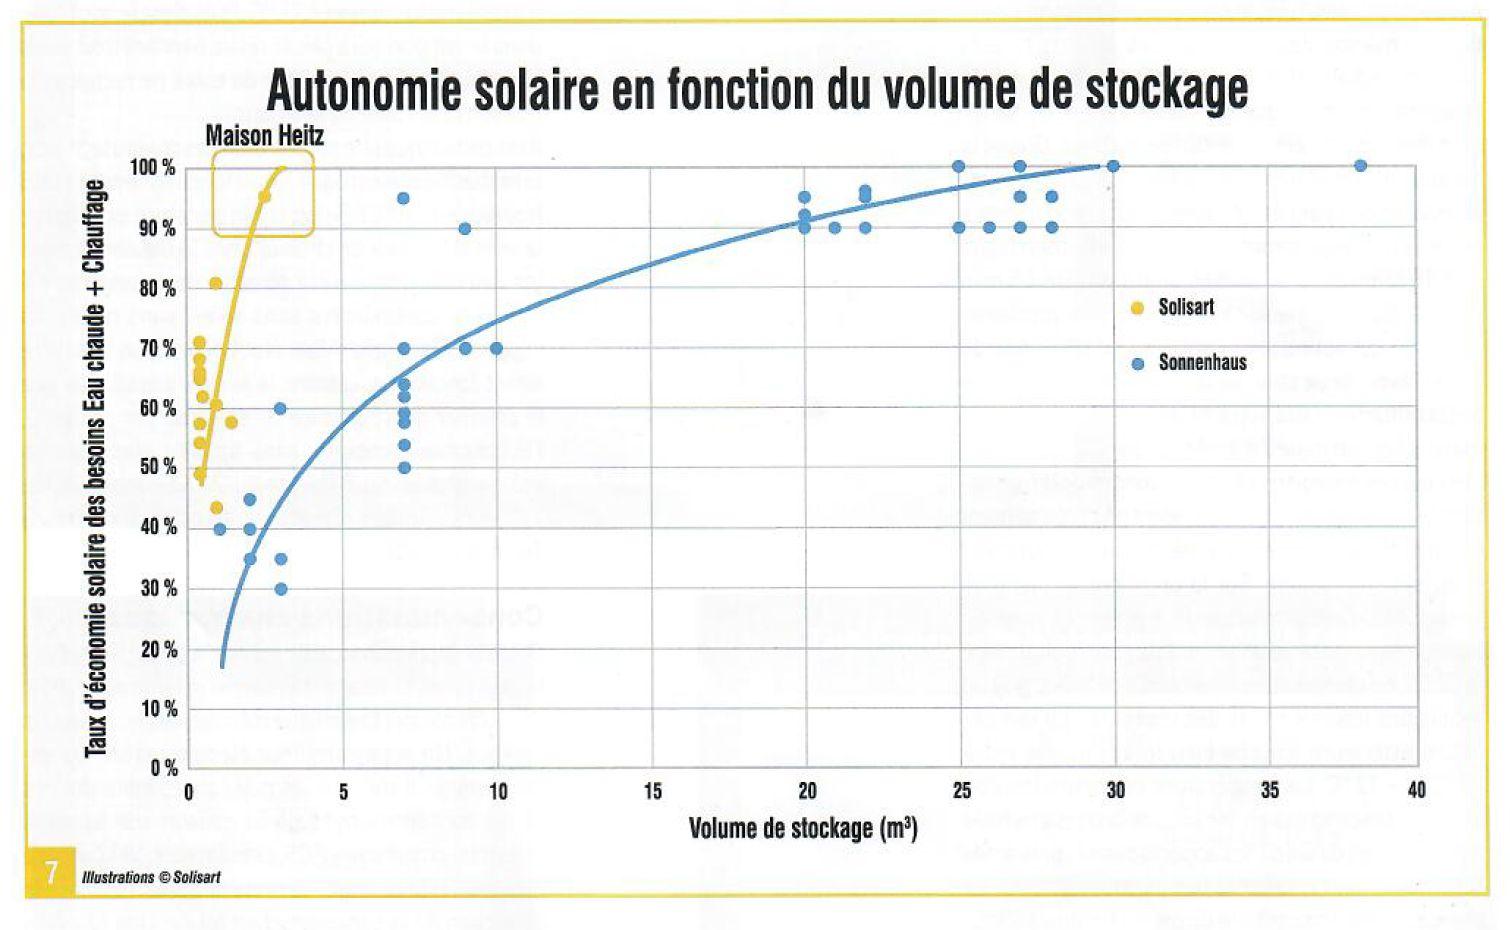 autonomie solaire en fonction du volume de stockage